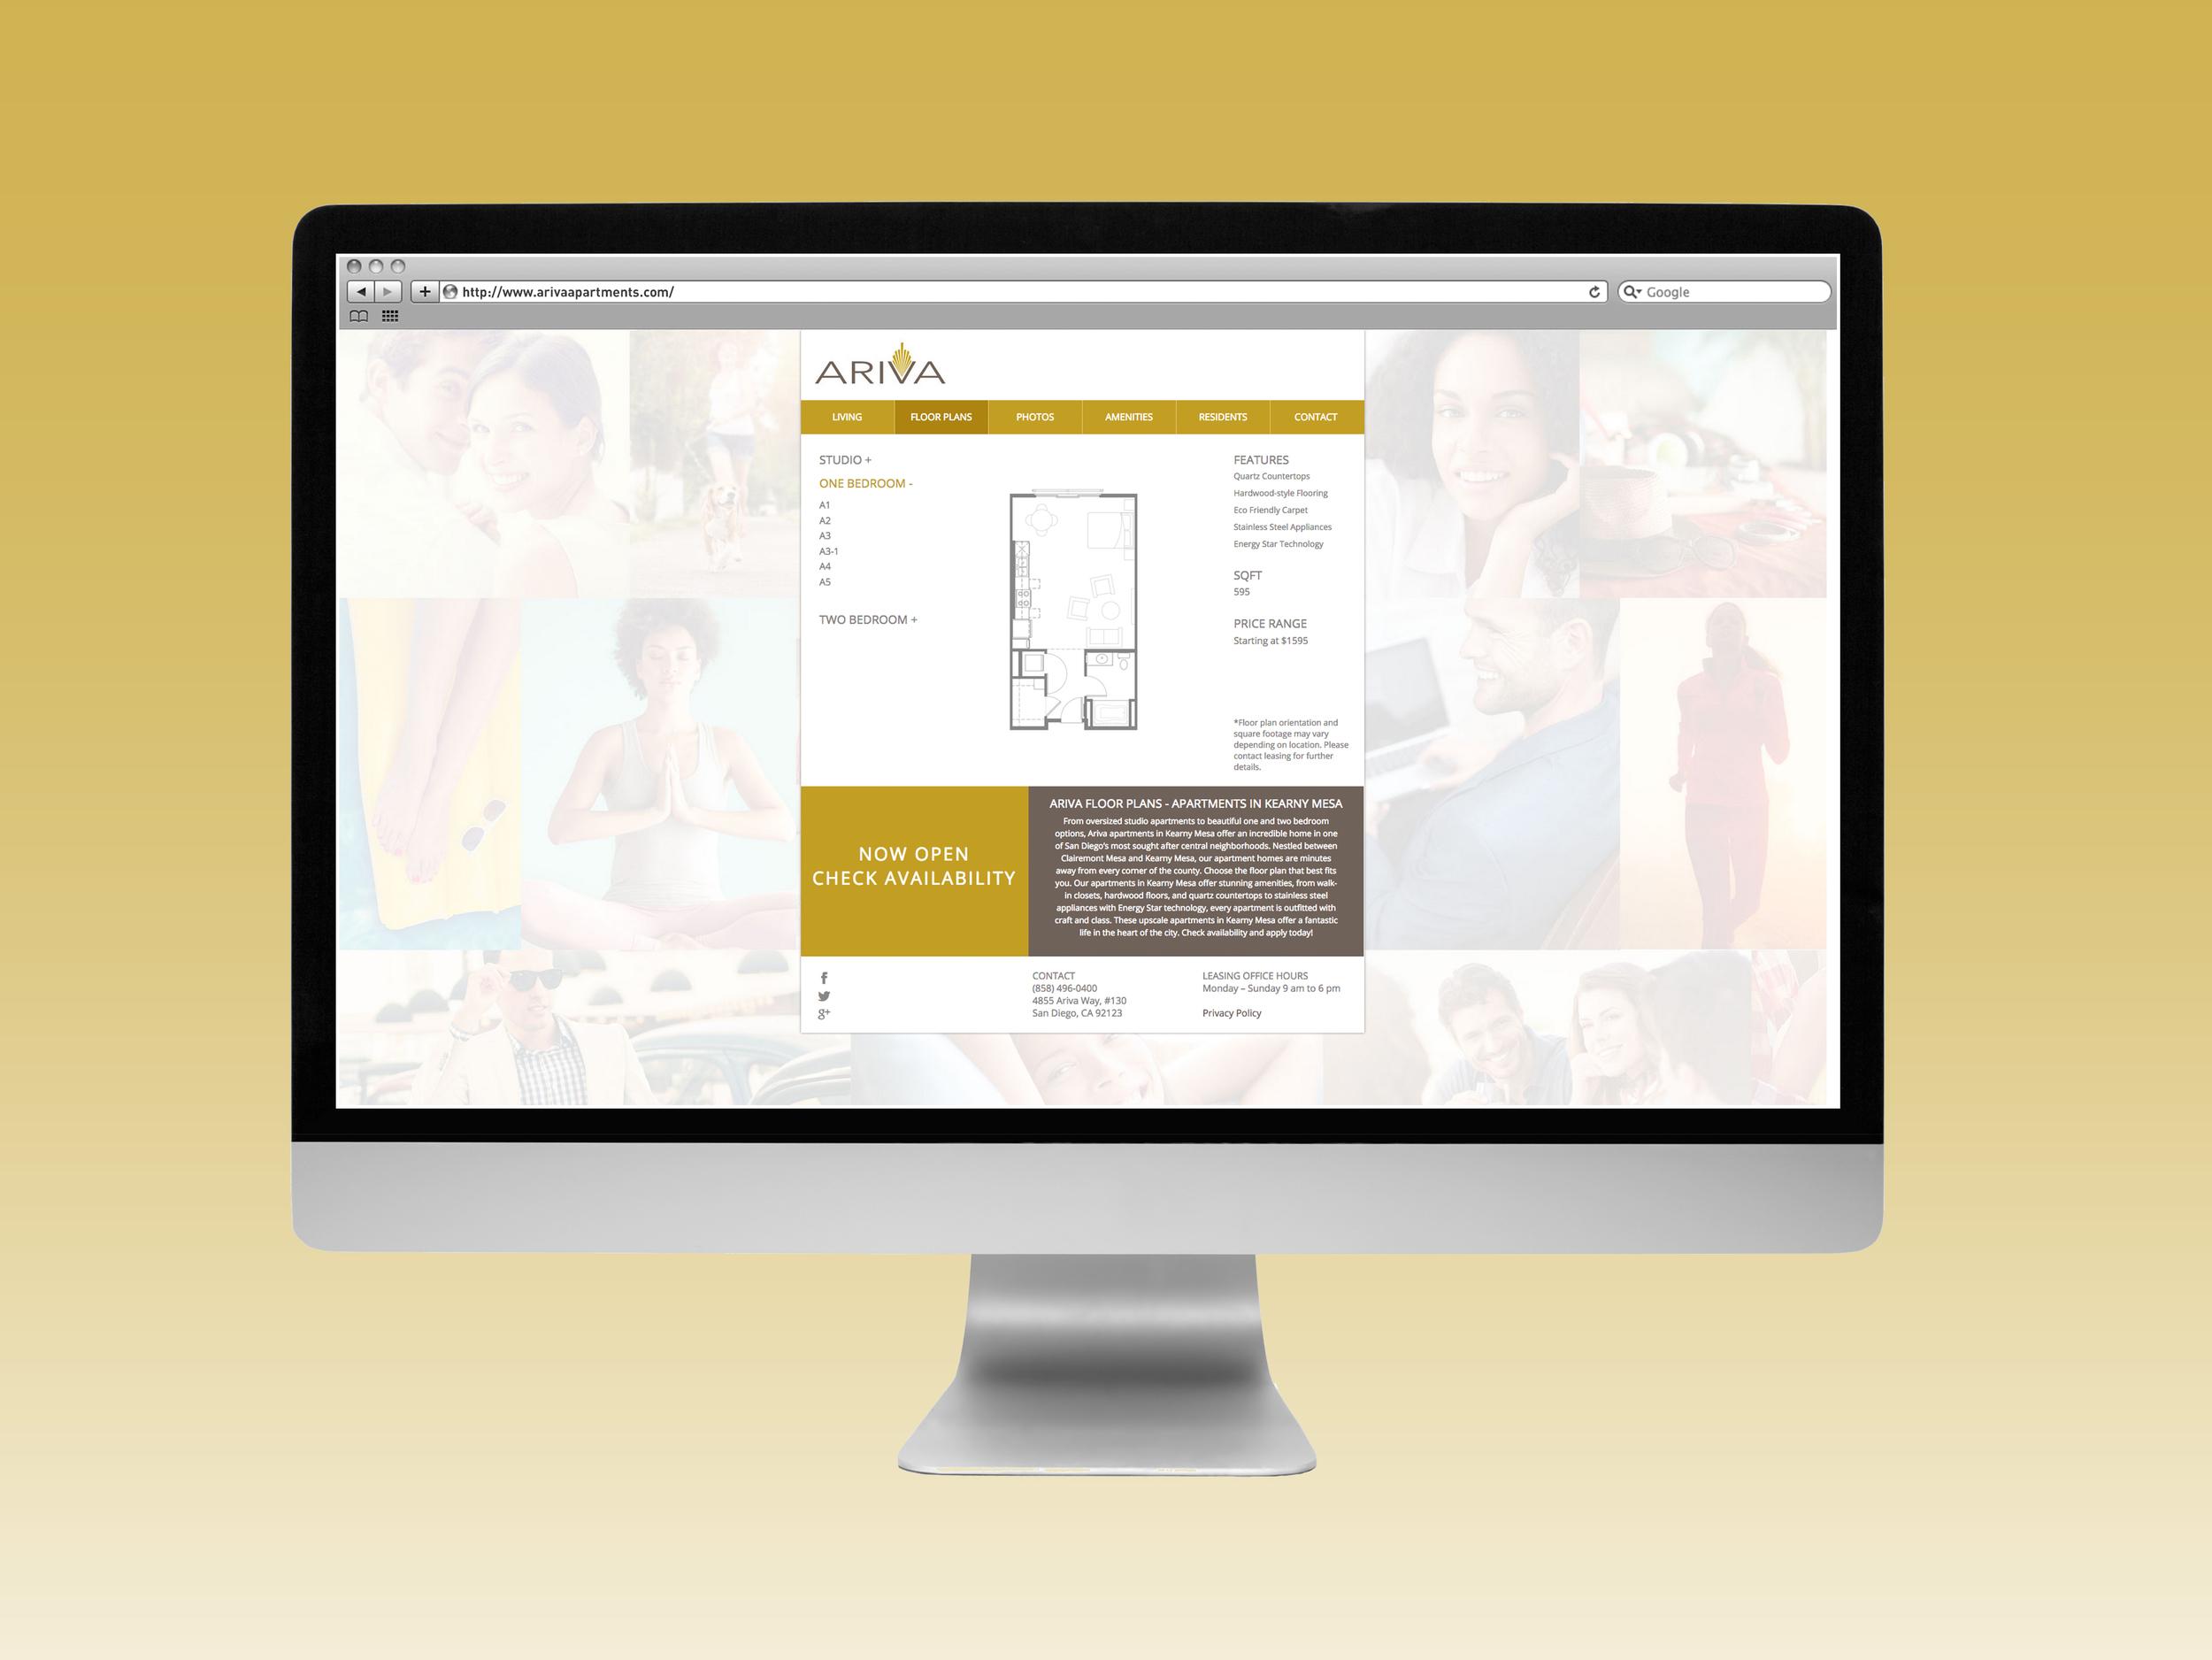 ARIVA_Website_web1 FloorPlans.jpg